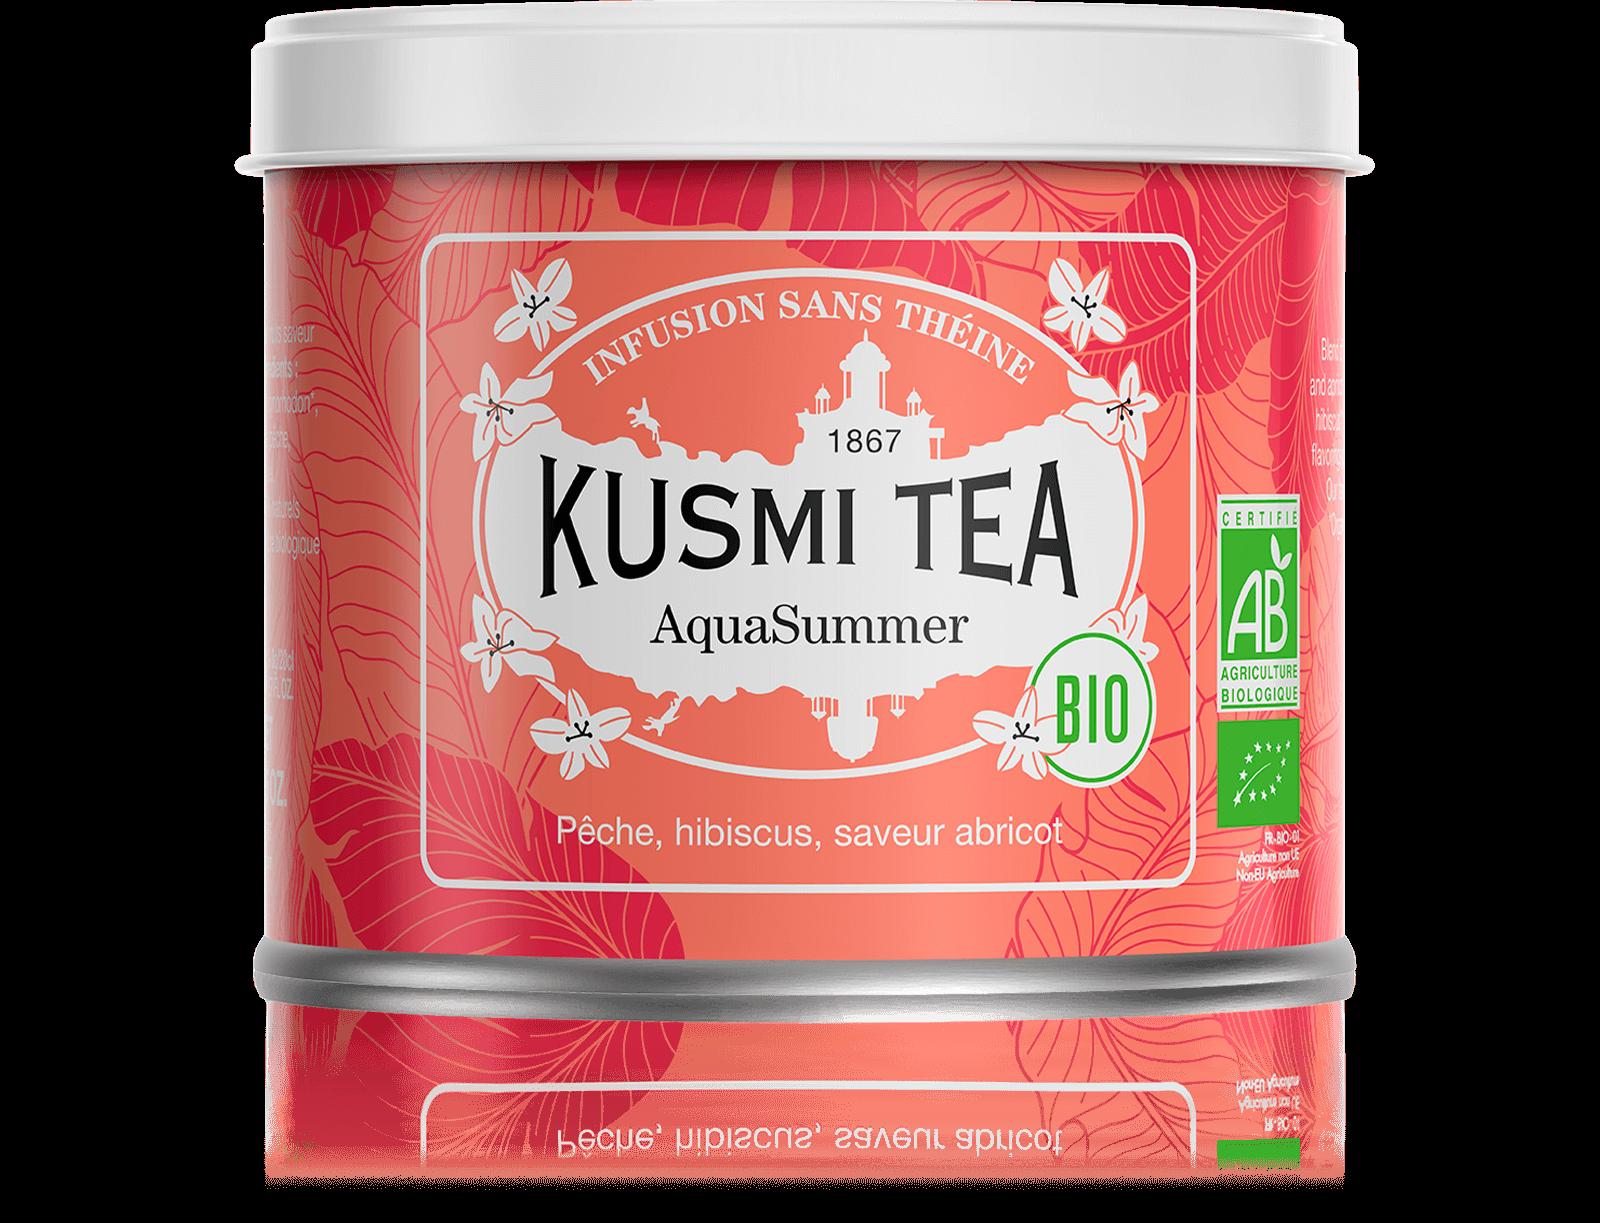 AquaSummer Infusion de fruits bio - Infusion hibiscus, pêche, abricot - Boîte de thé en vrac - Kusmi Tea